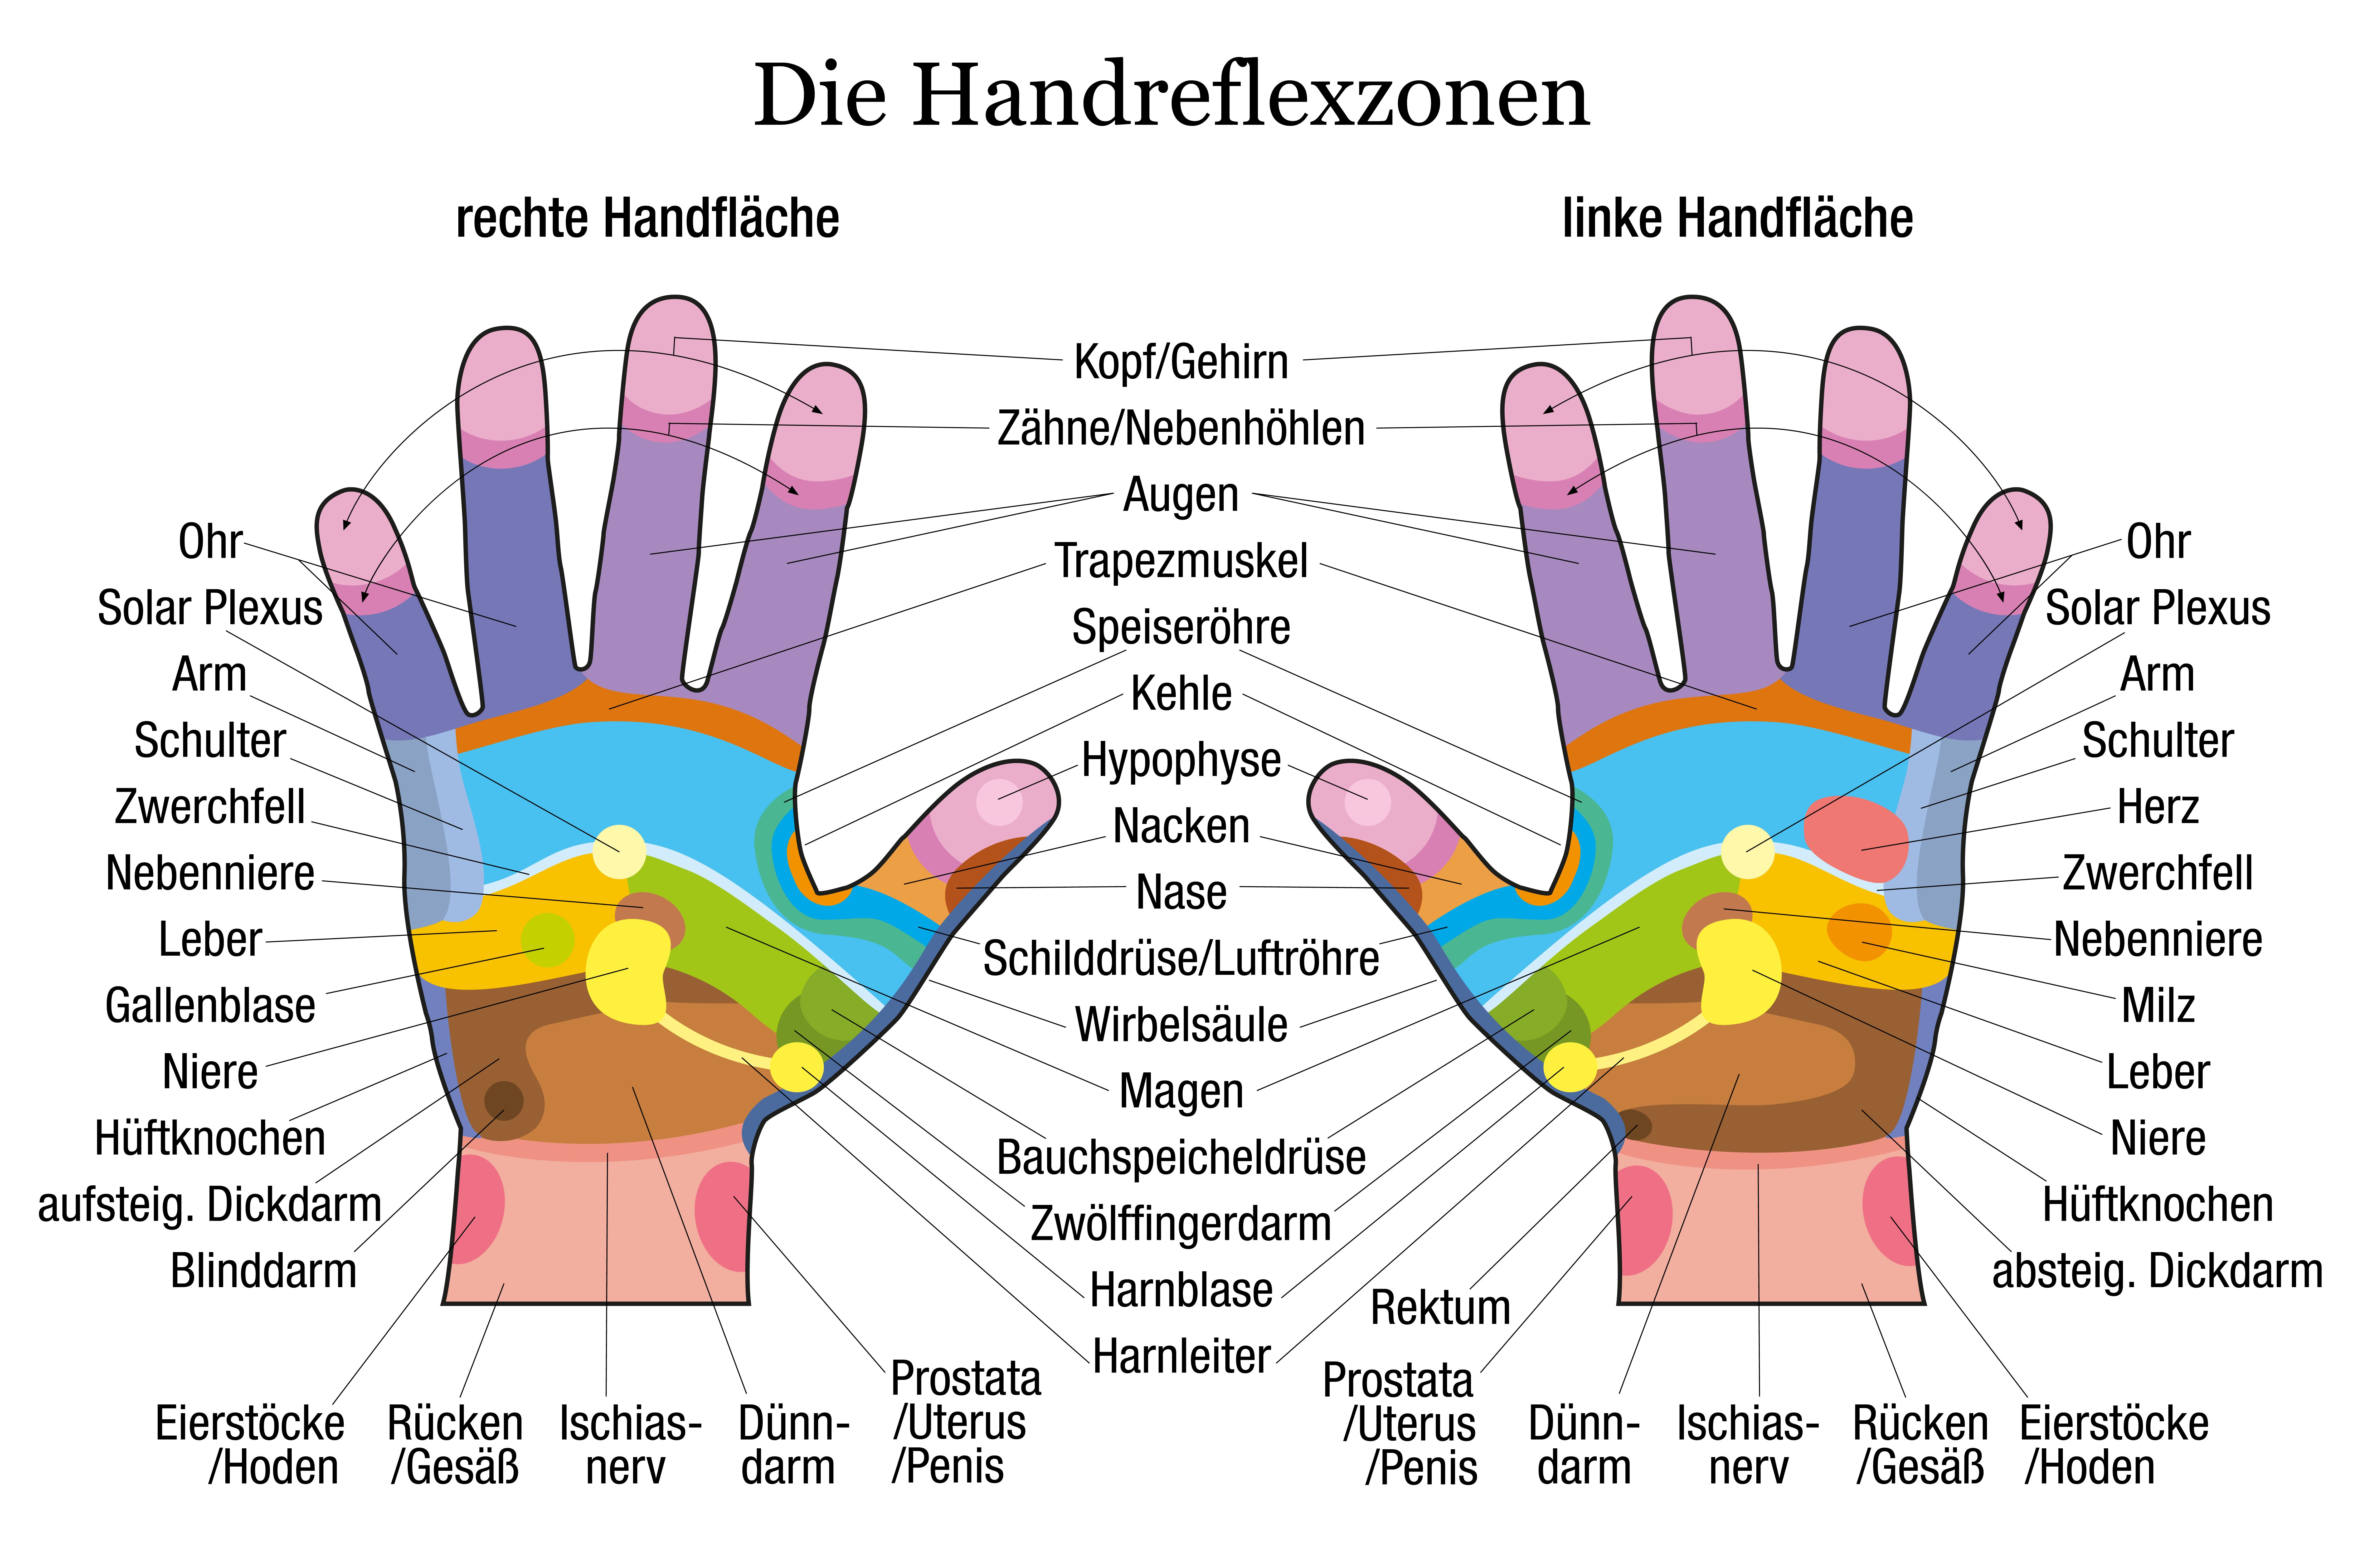 Übersicht über Handreflexzonen detailliert dargestellt. Weiterhin ...